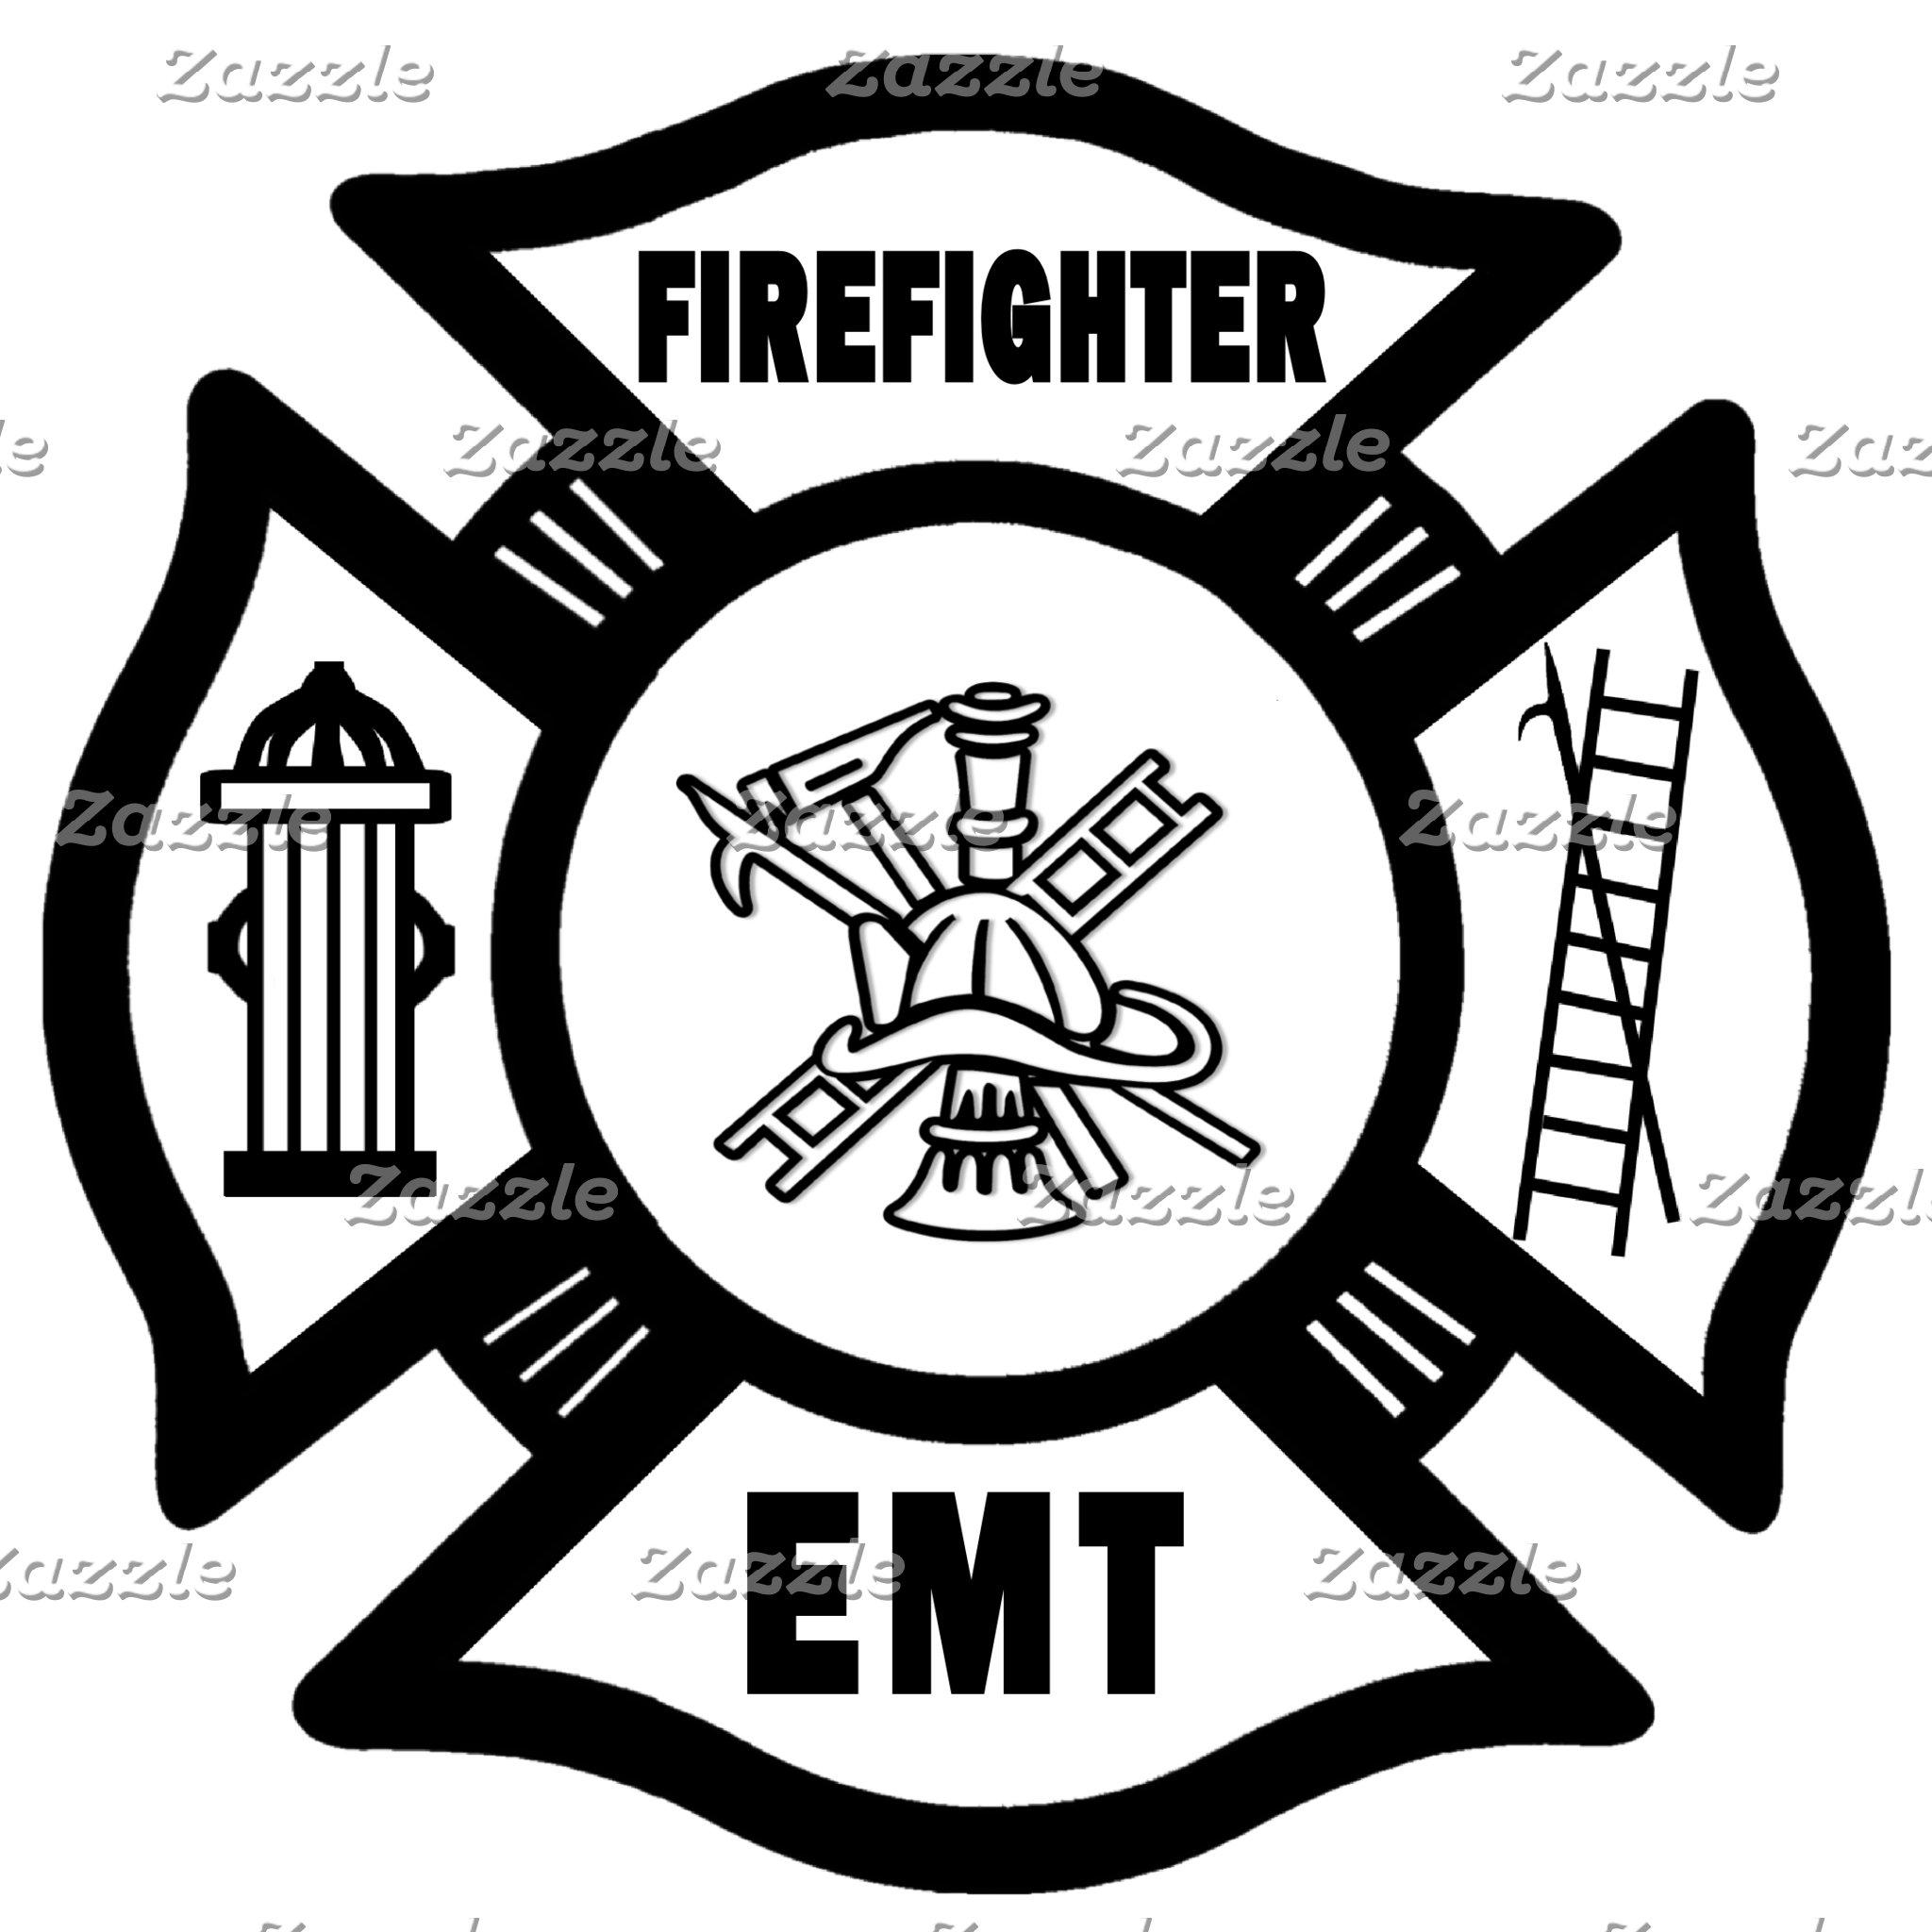 Fire Fighter EMT Maltese